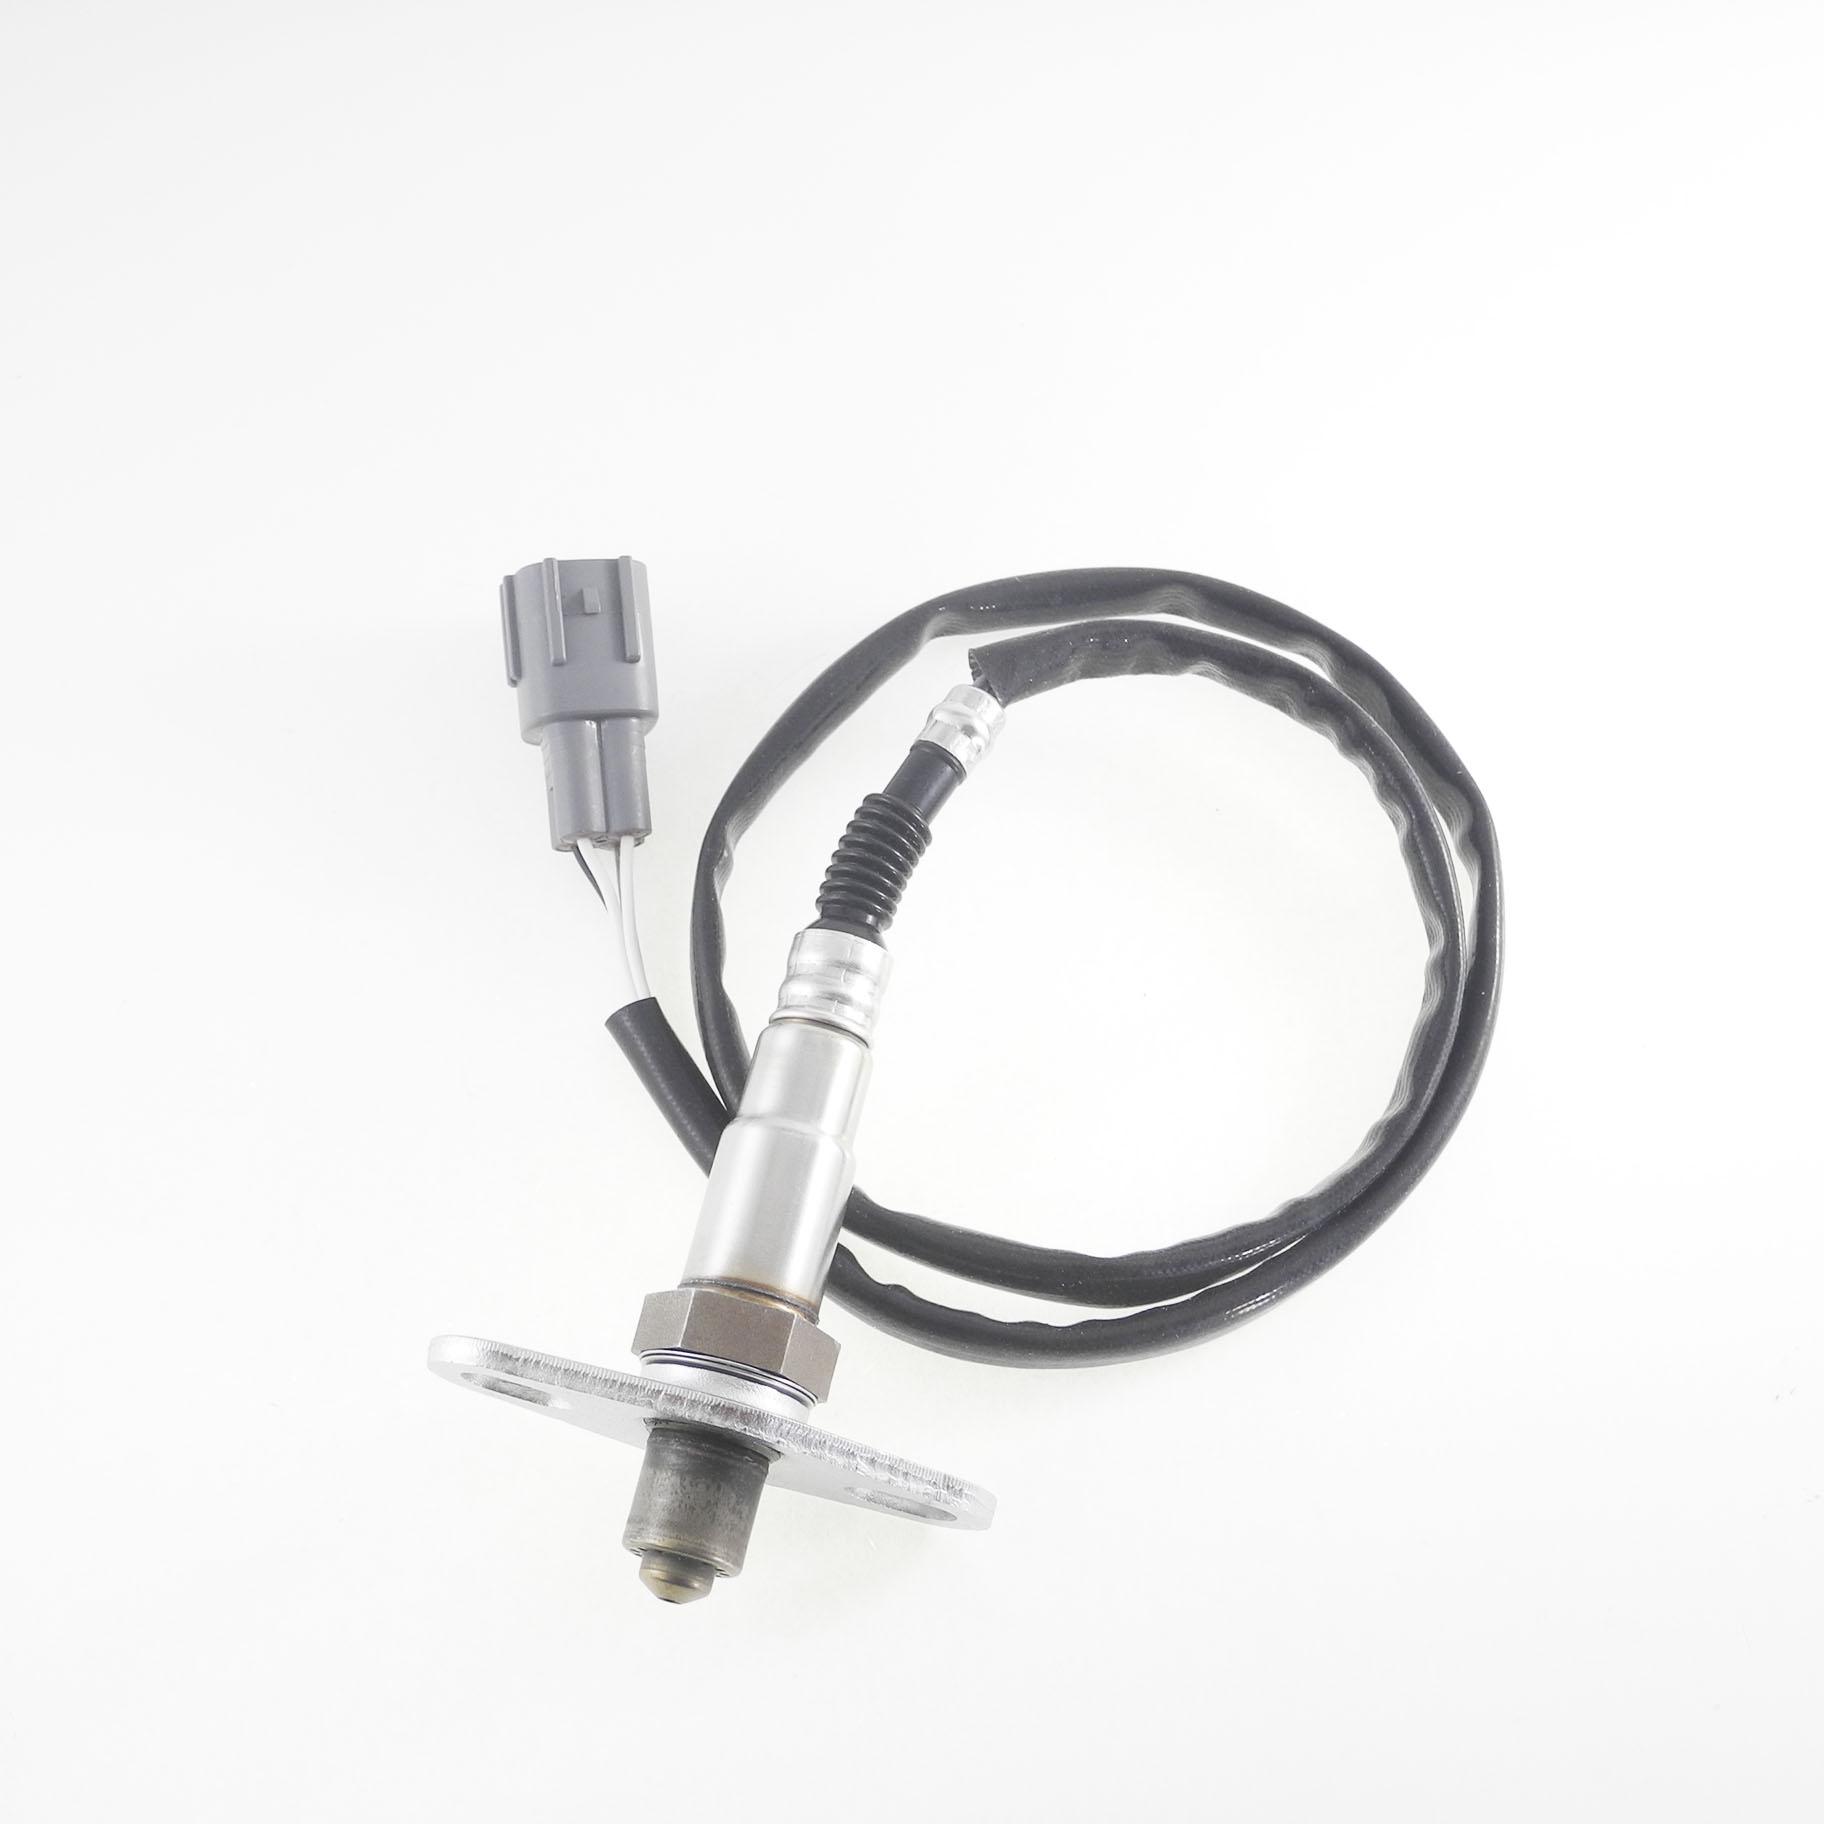 234-4052 ForToyota 4Runner Pickup 2.4L 3.0L Oxygen Sensor